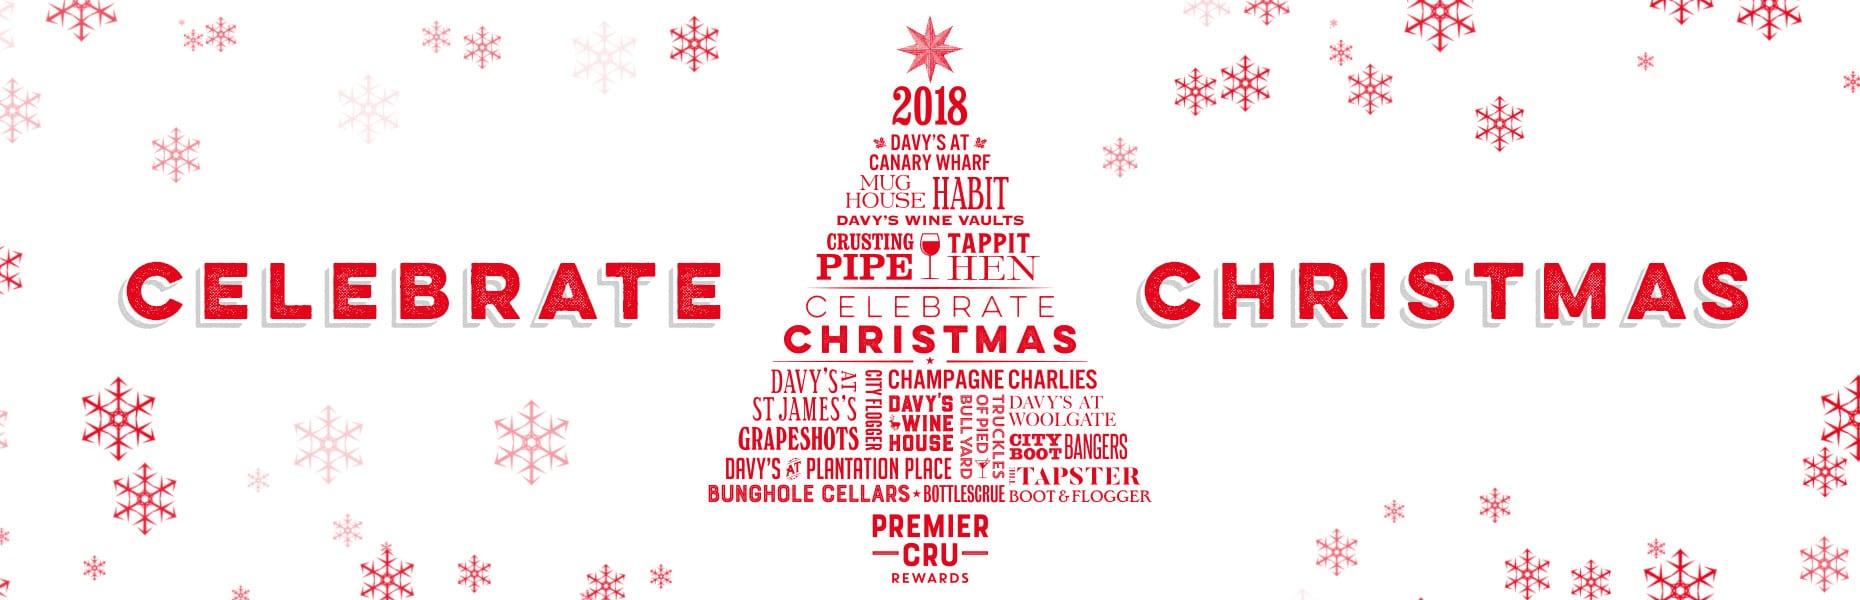 8909 Davys Christmas web banner 1966x600-tree-2018